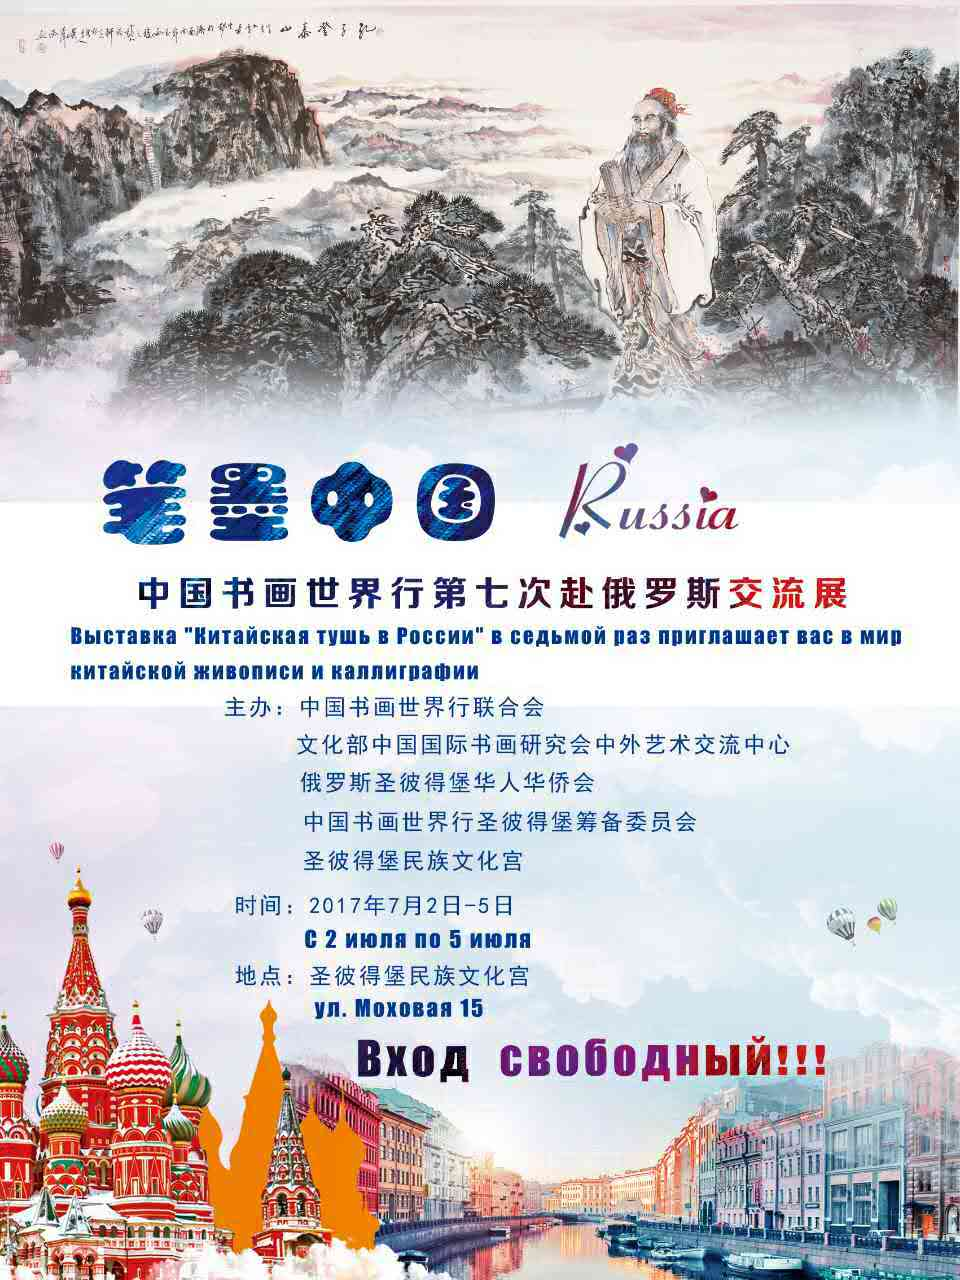 笔墨中国―中国书画世界行第七次赴俄罗斯交流展